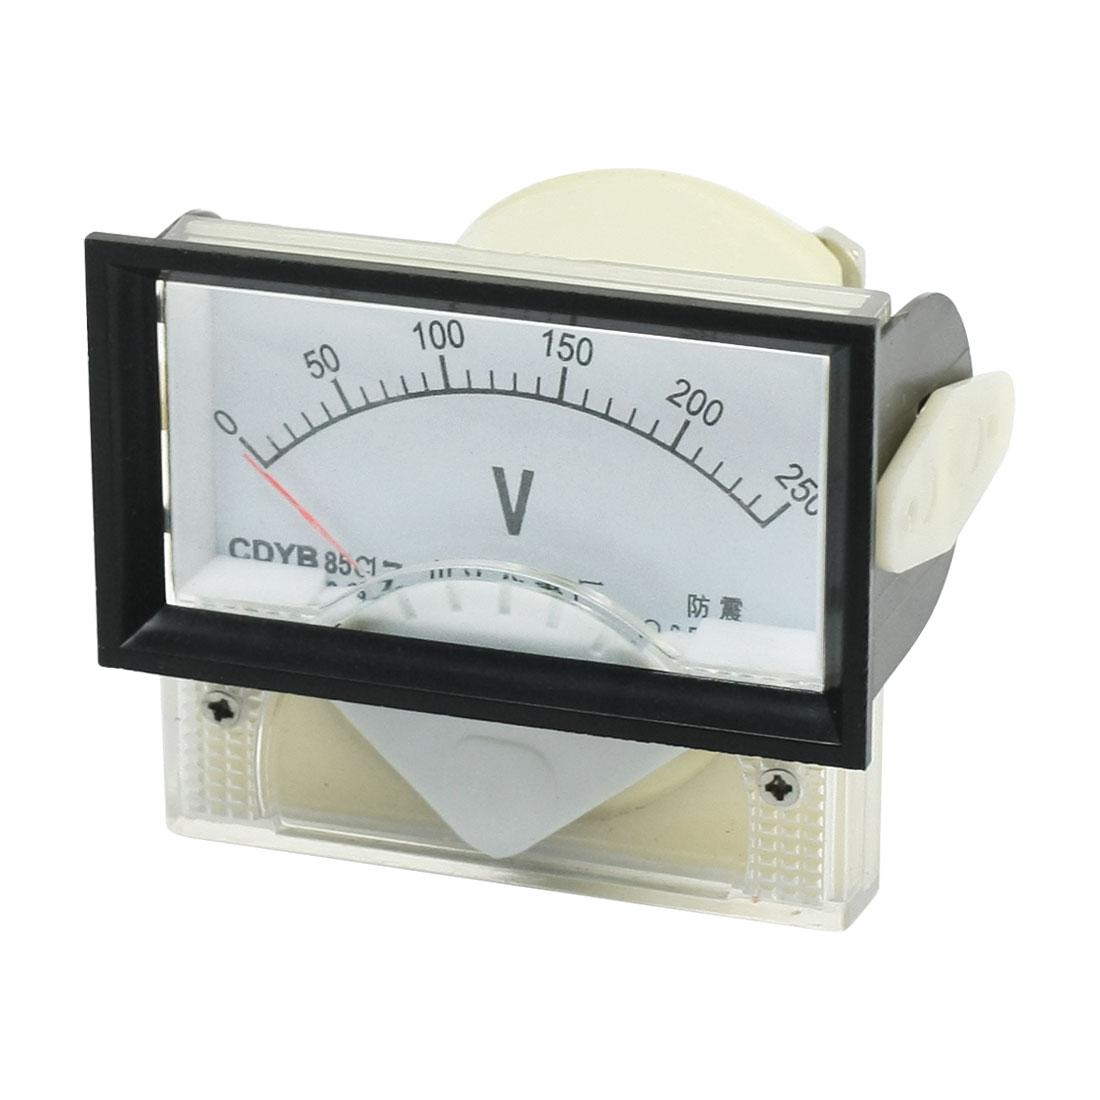 85C17 Analog Volt Voltage Measurement Voltmeter Panel Meter DC 0-250V